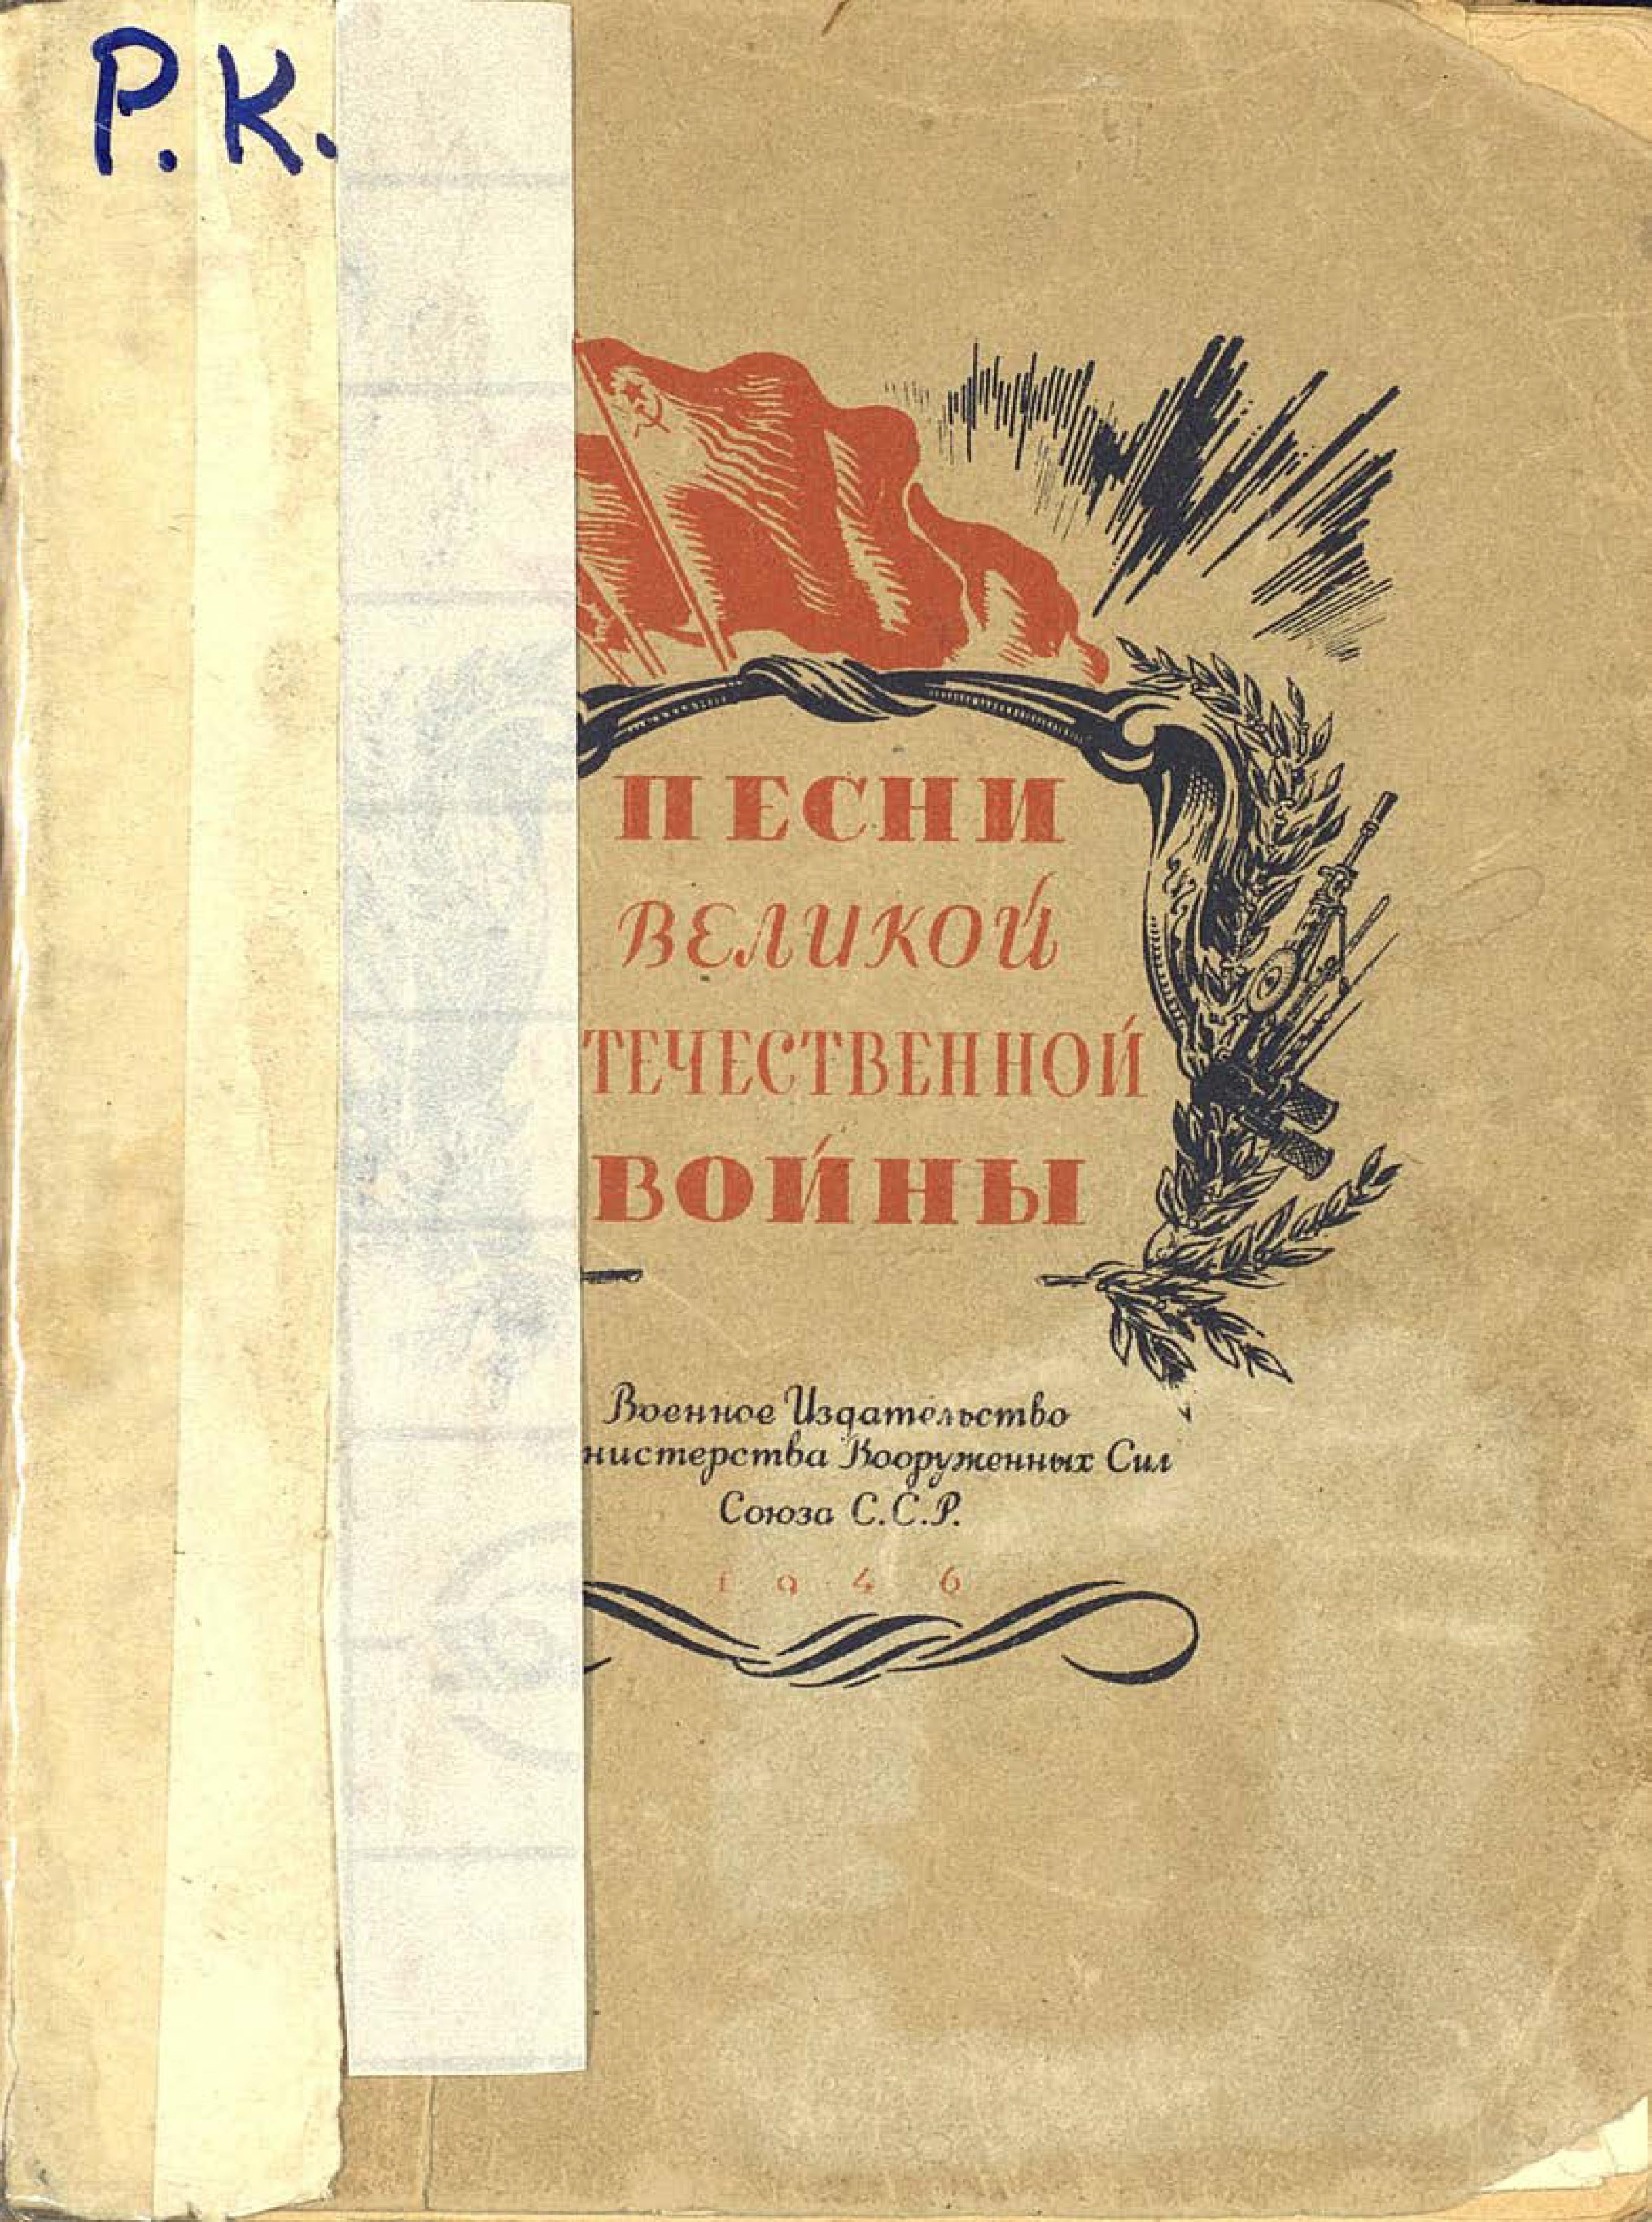 Народное творчество Песни Великой Отечественной войны народное творчество занимается день народные и казачьи песни